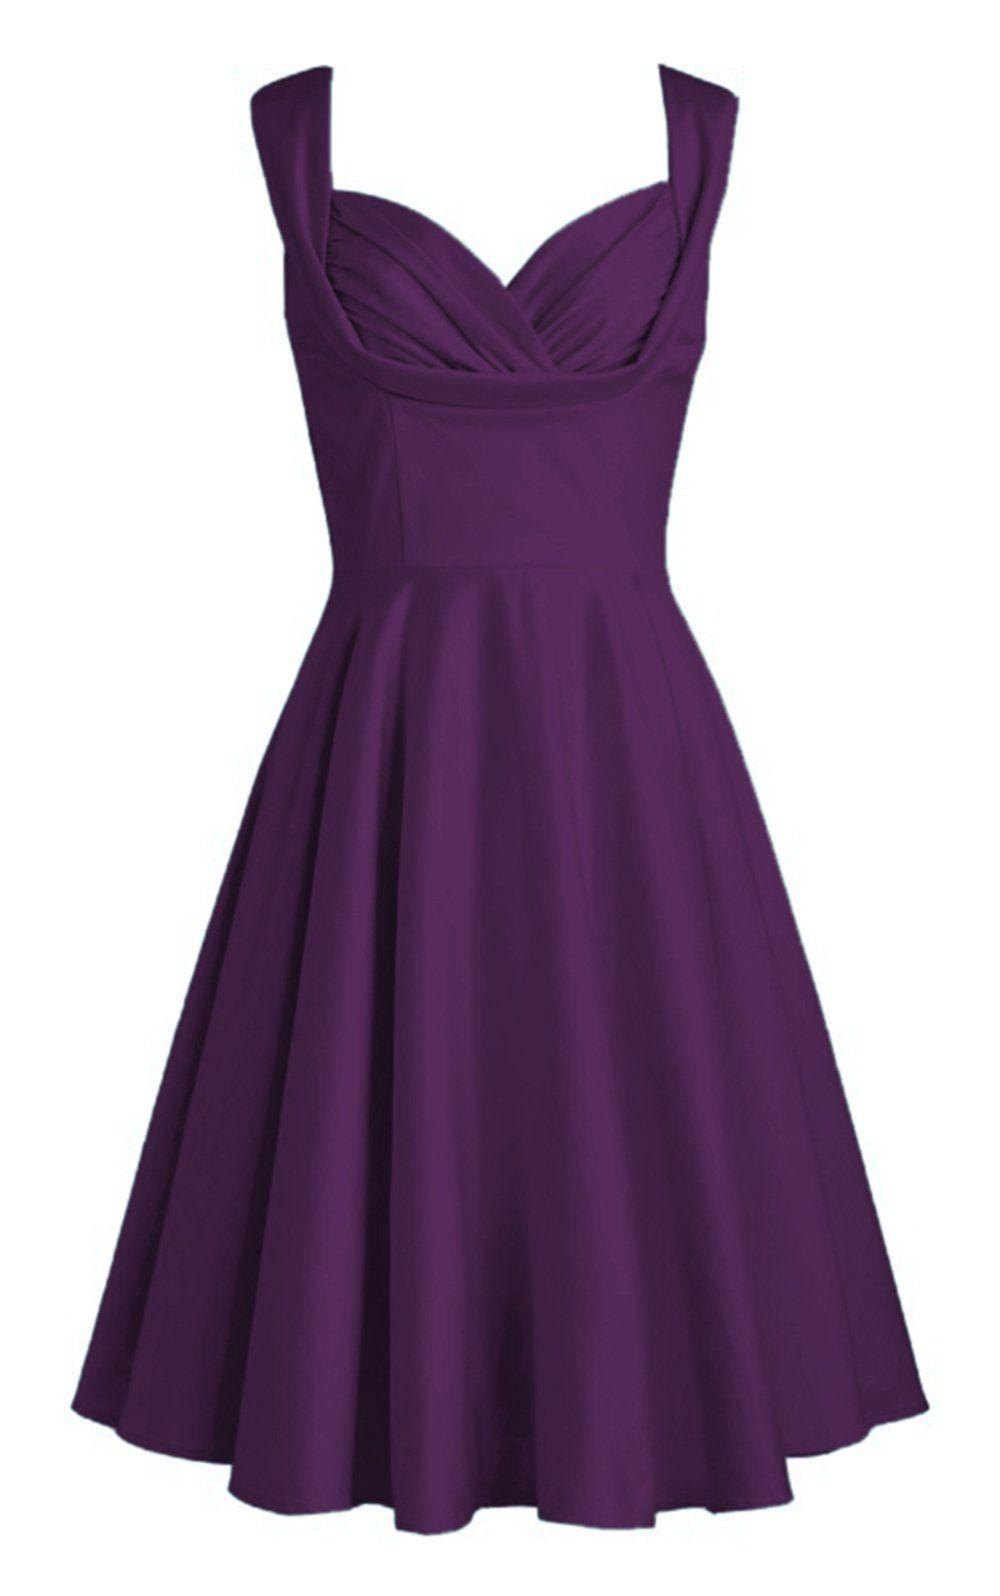 Pin de Apryl Flick en Let\'s Play Dress-up | Pinterest | Ropa de ...